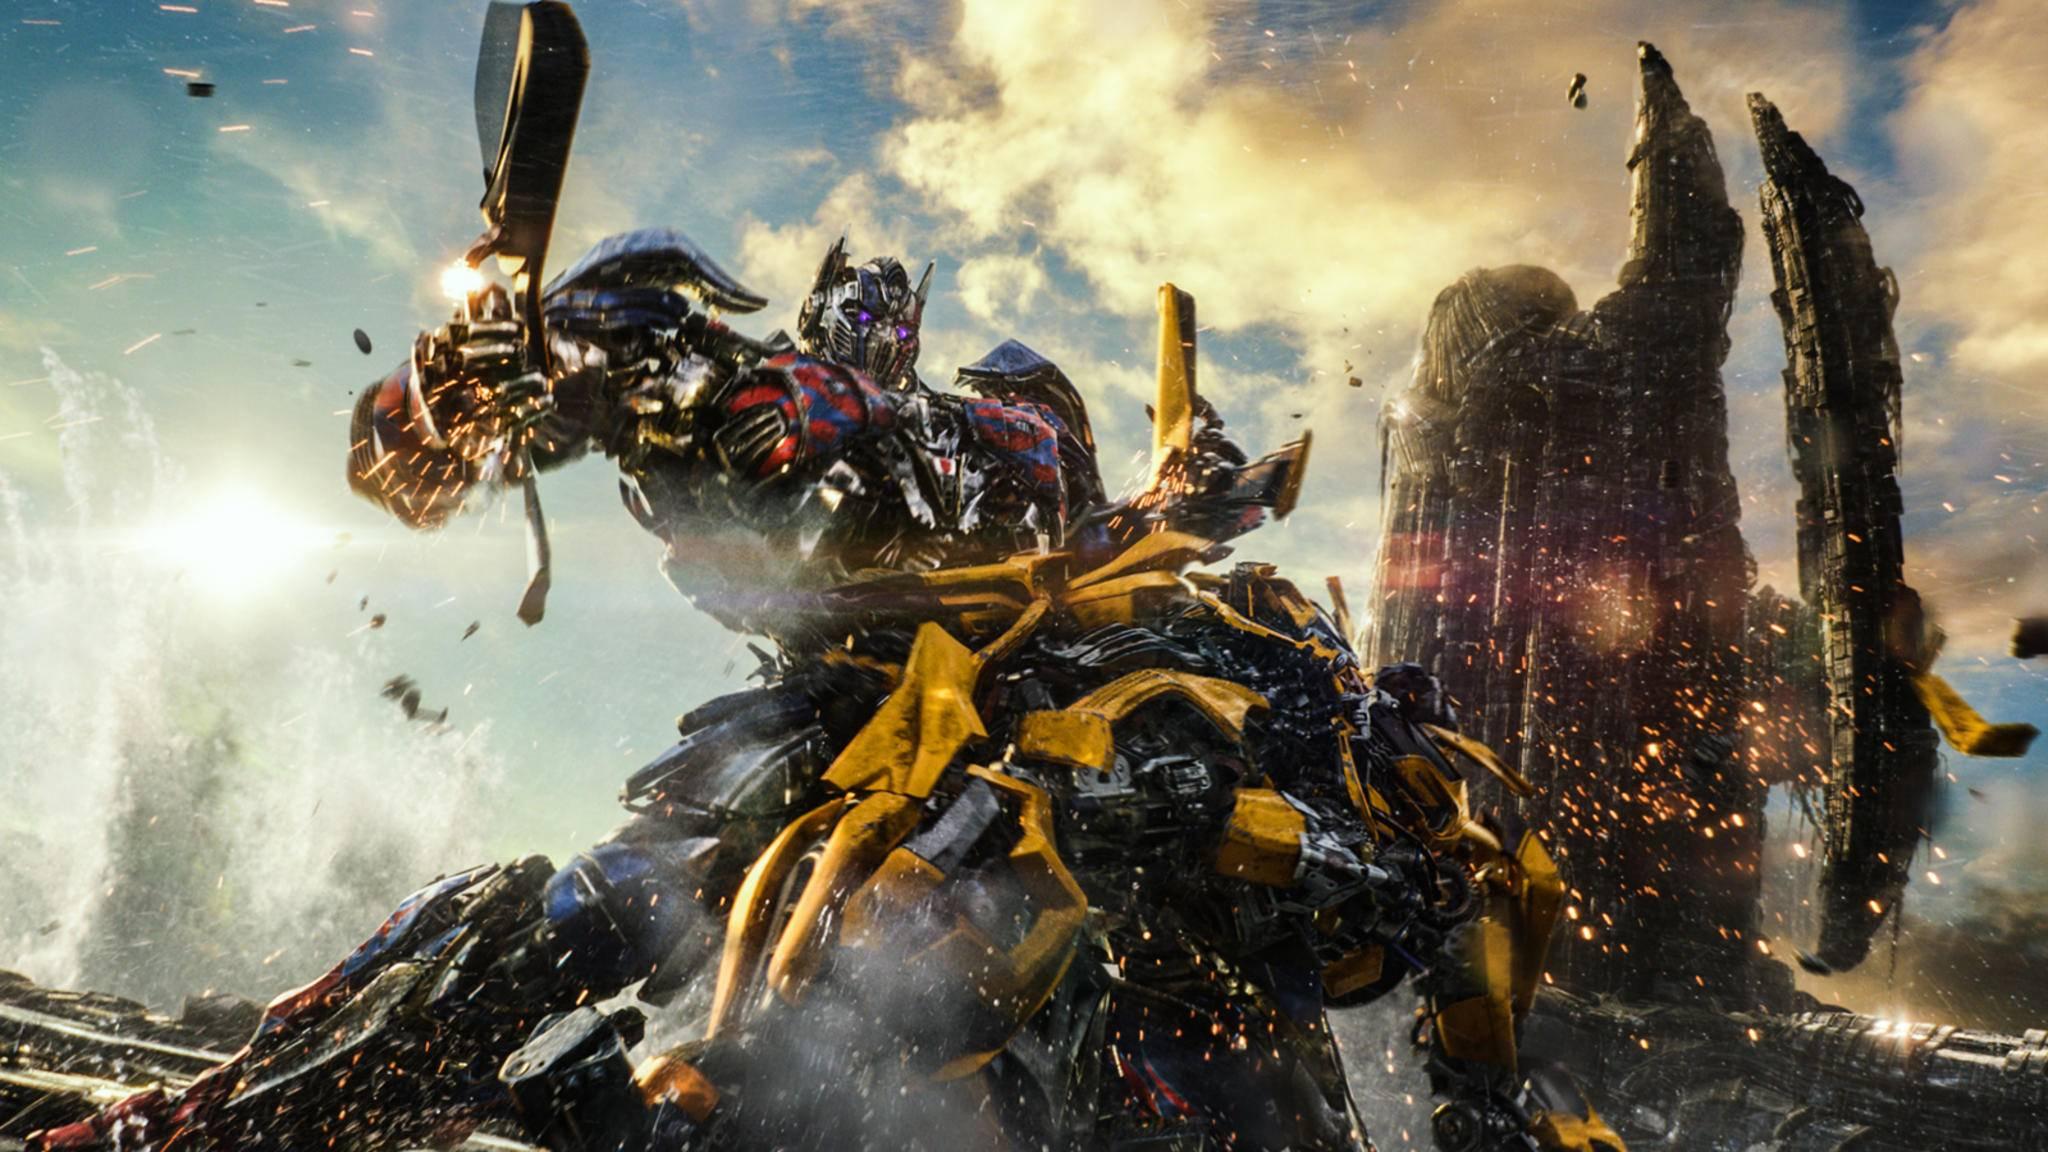 Scharmützel zwischen Optimus Prime und Bumblebee wollten vergleichsweise wenige Zuschauer sehen.